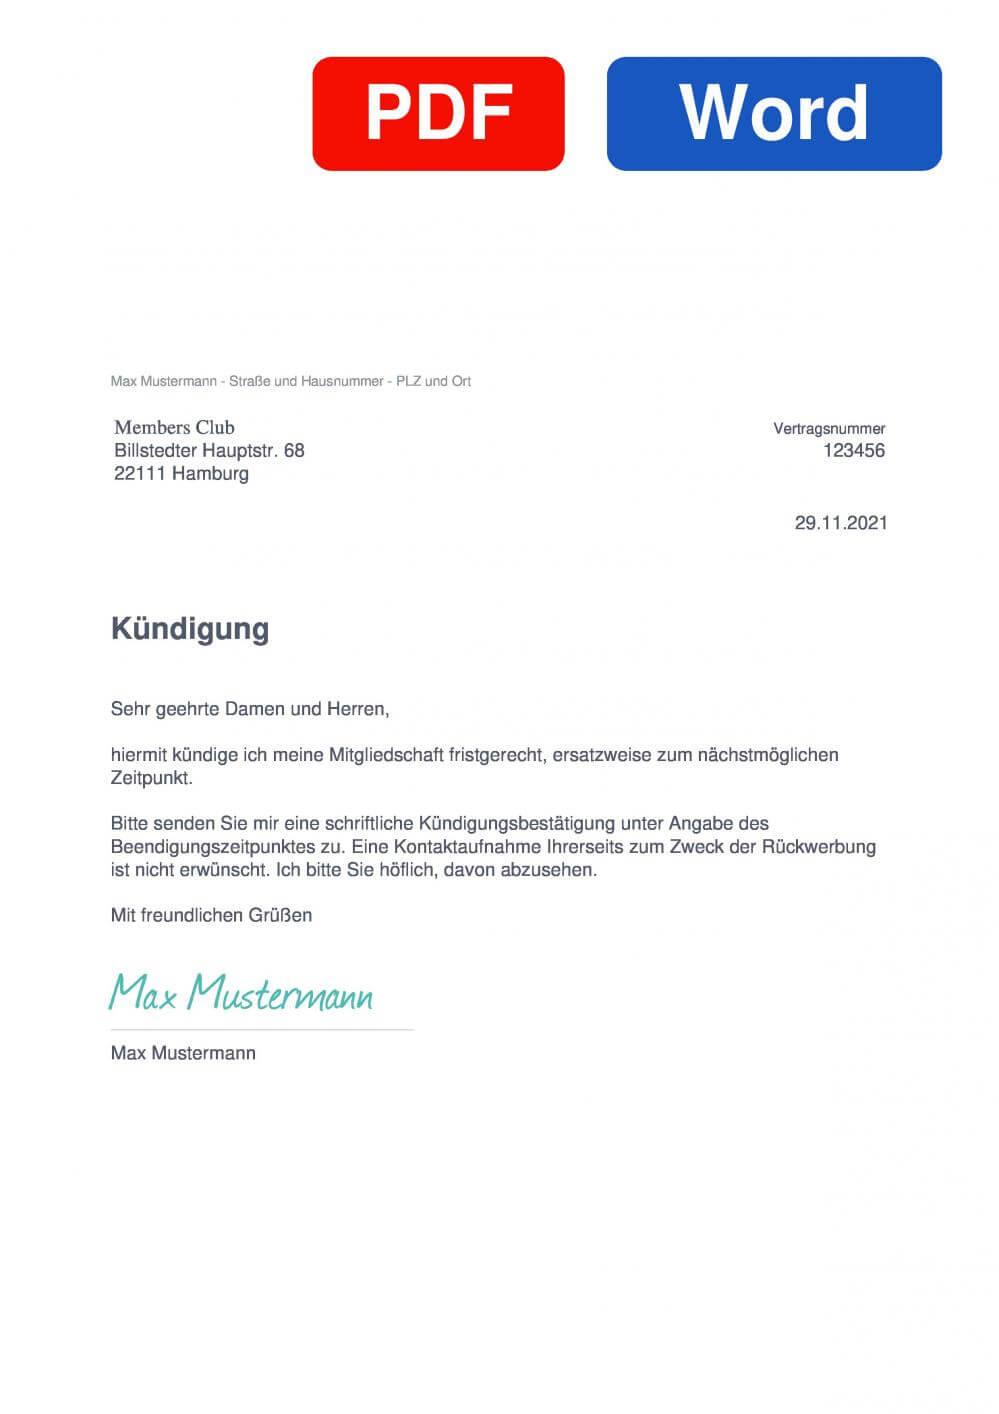 Members Club Muster Vorlage für Kündigungsschreiben